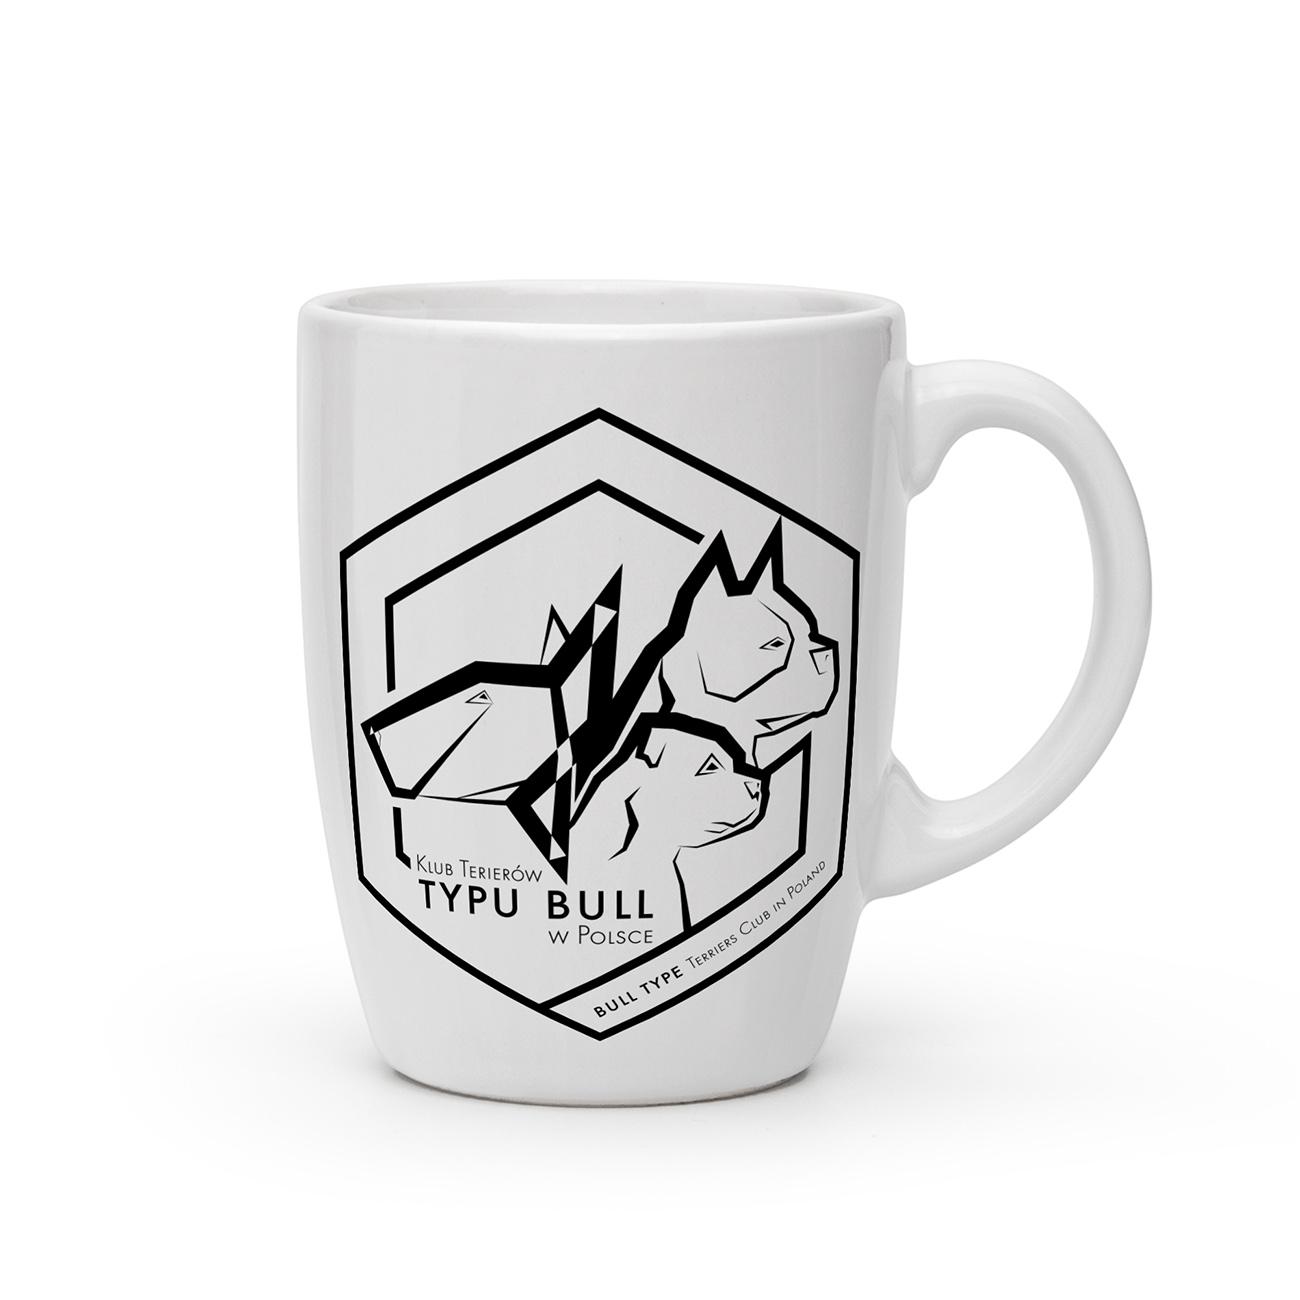 KTTB mug white copy